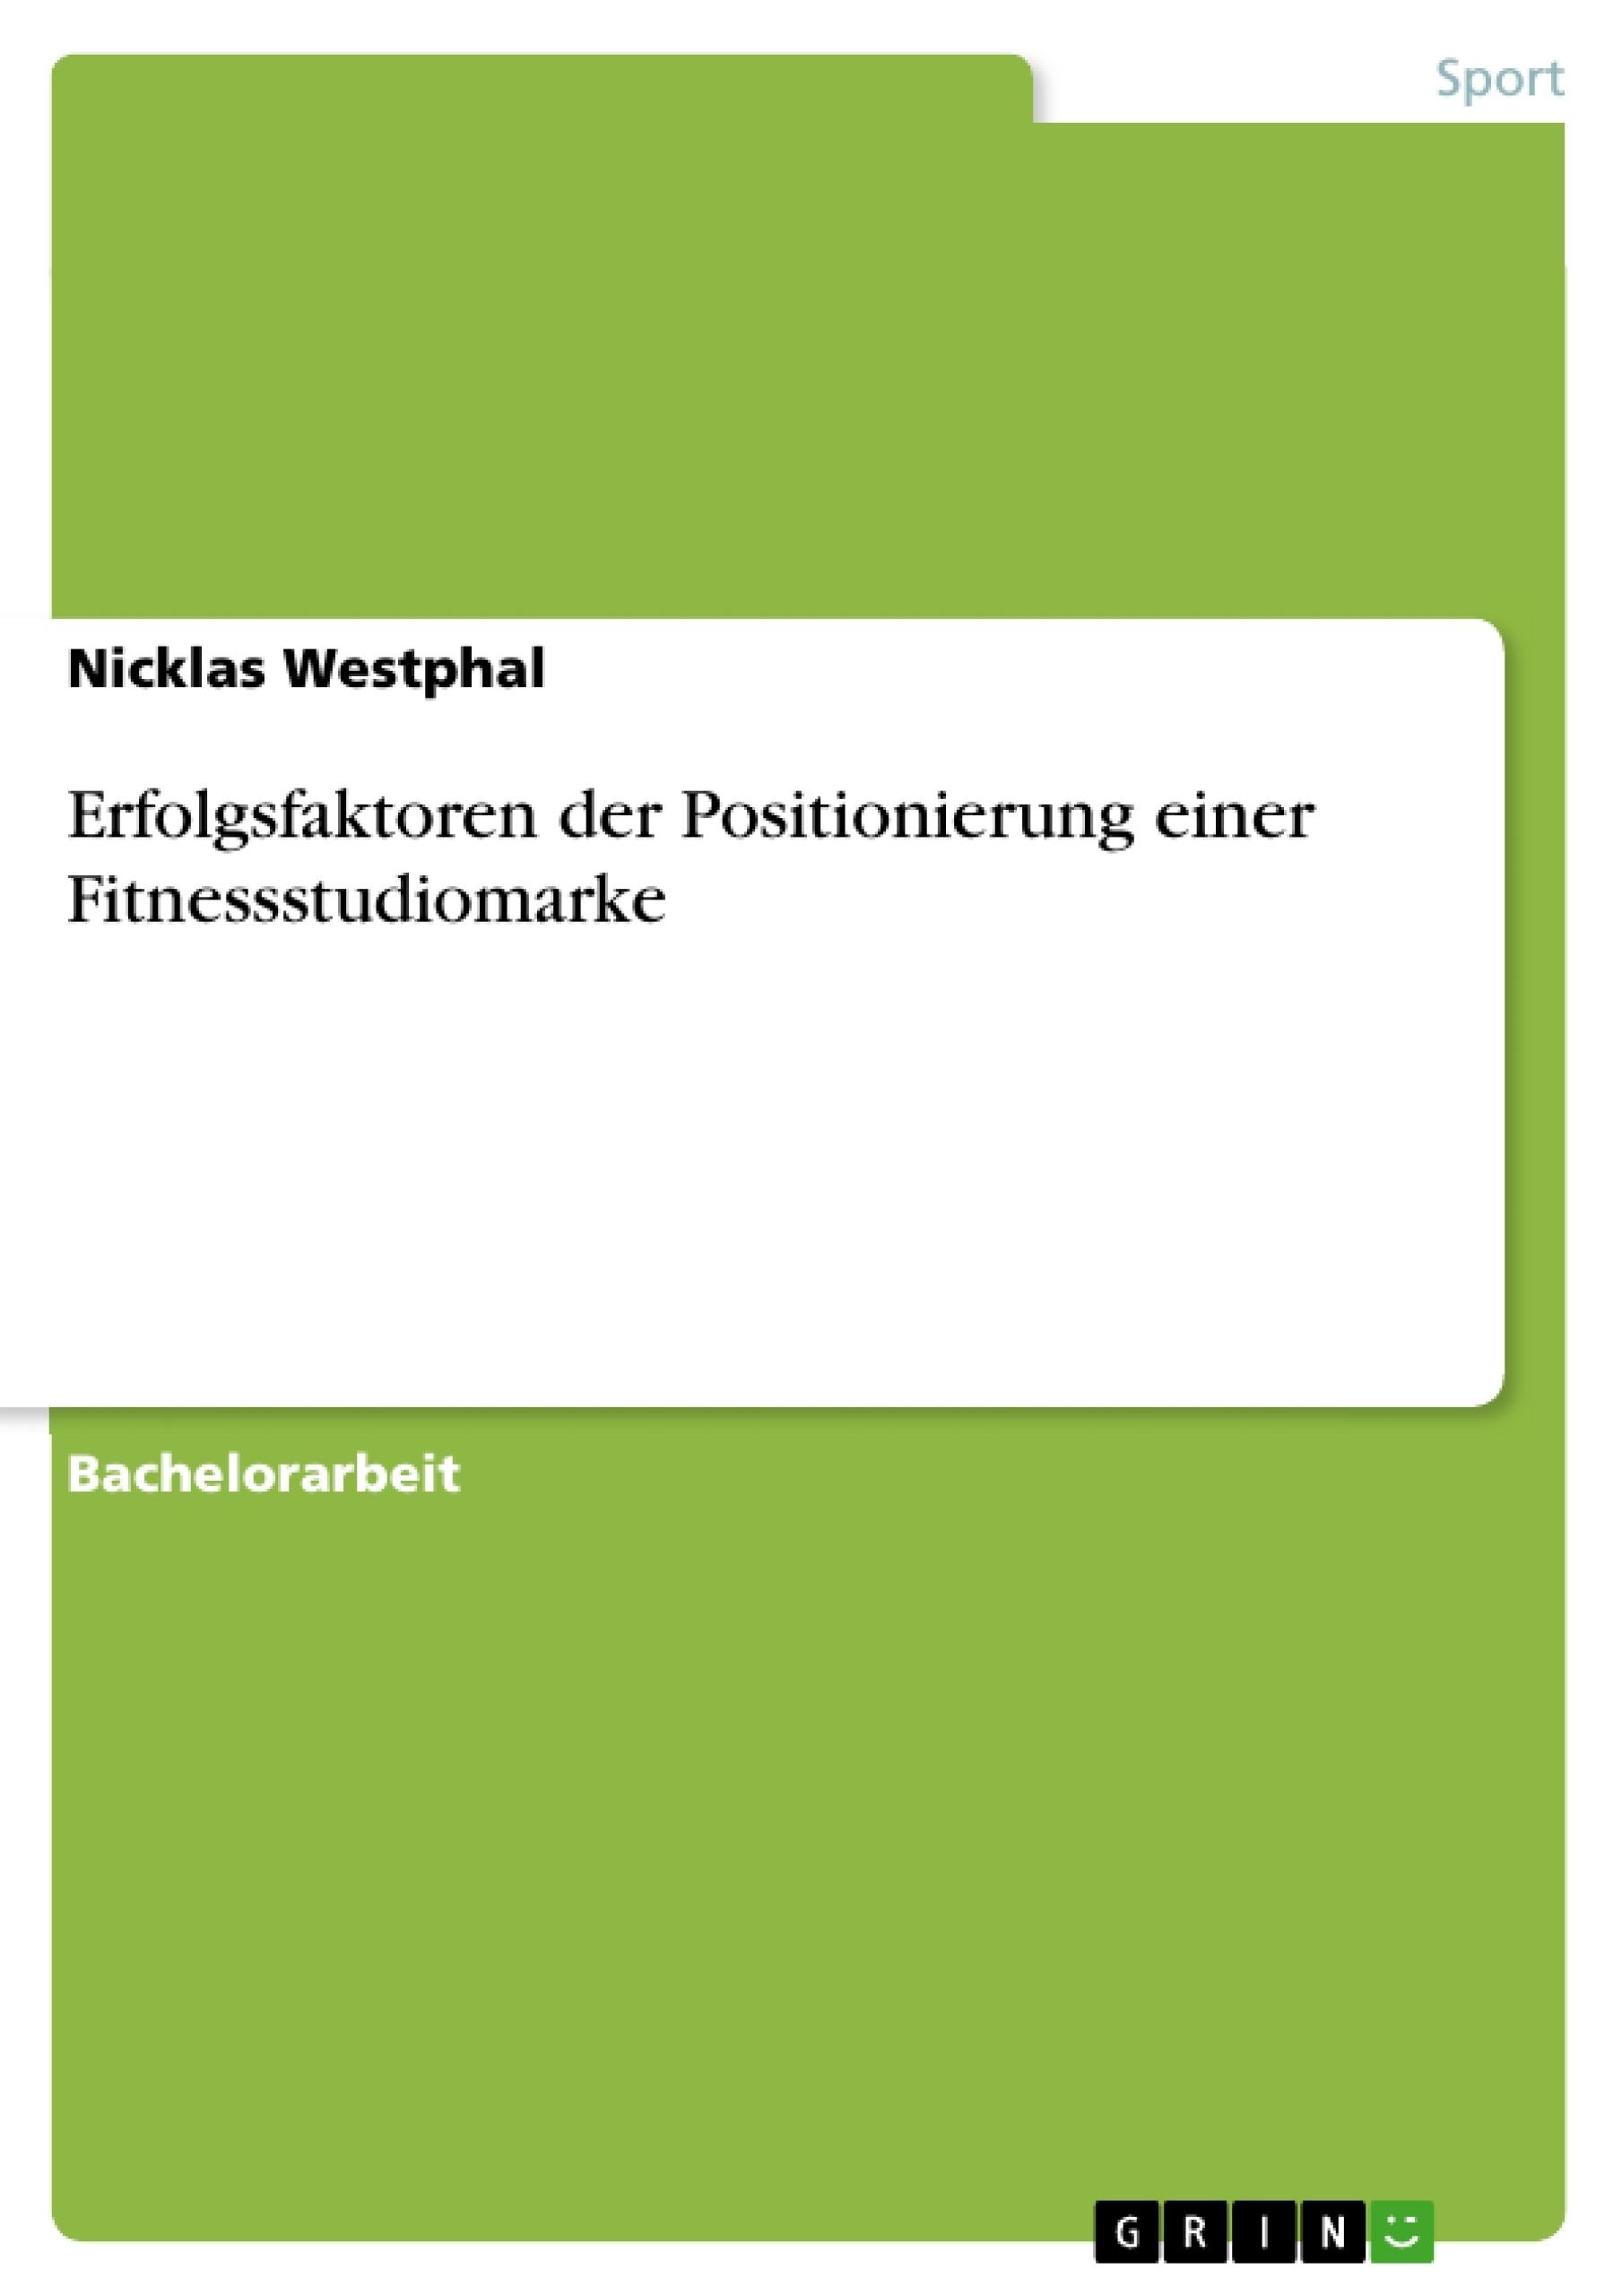 Titel: Erfolgsfaktoren der Positionierung einer Fitnessstudiomarke